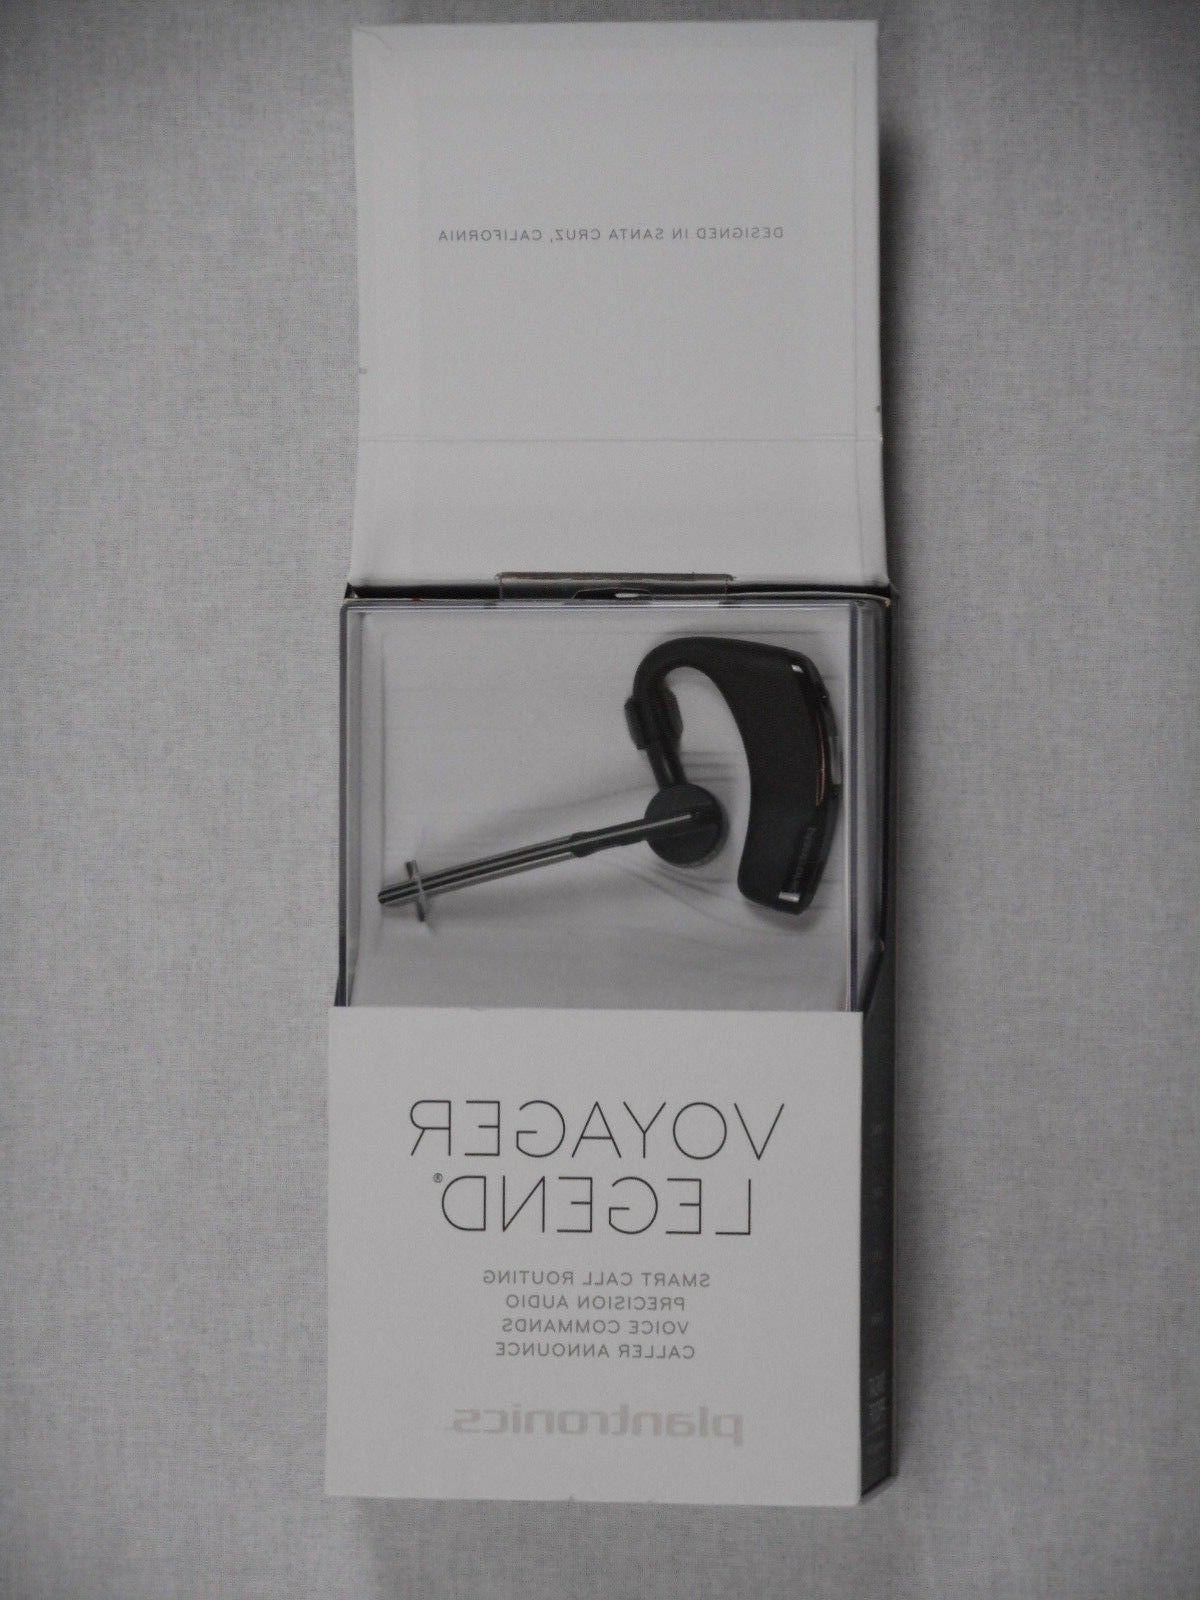 voyager legend wireless bluetooth headset